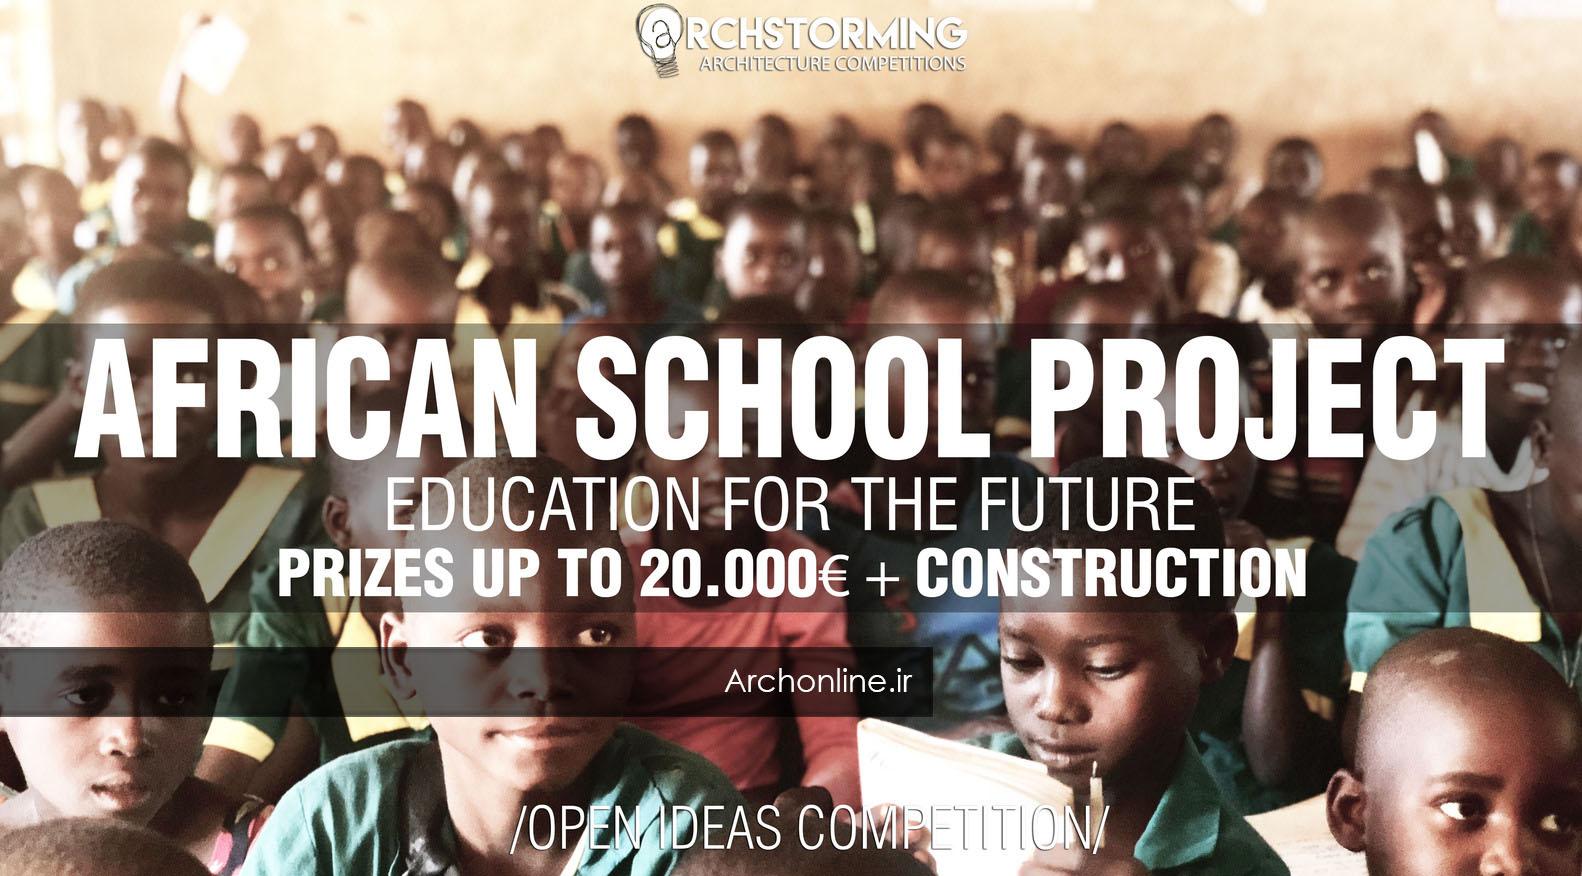 فراخوان پروژه مدرسه آفریقا: آموزش برای آینده